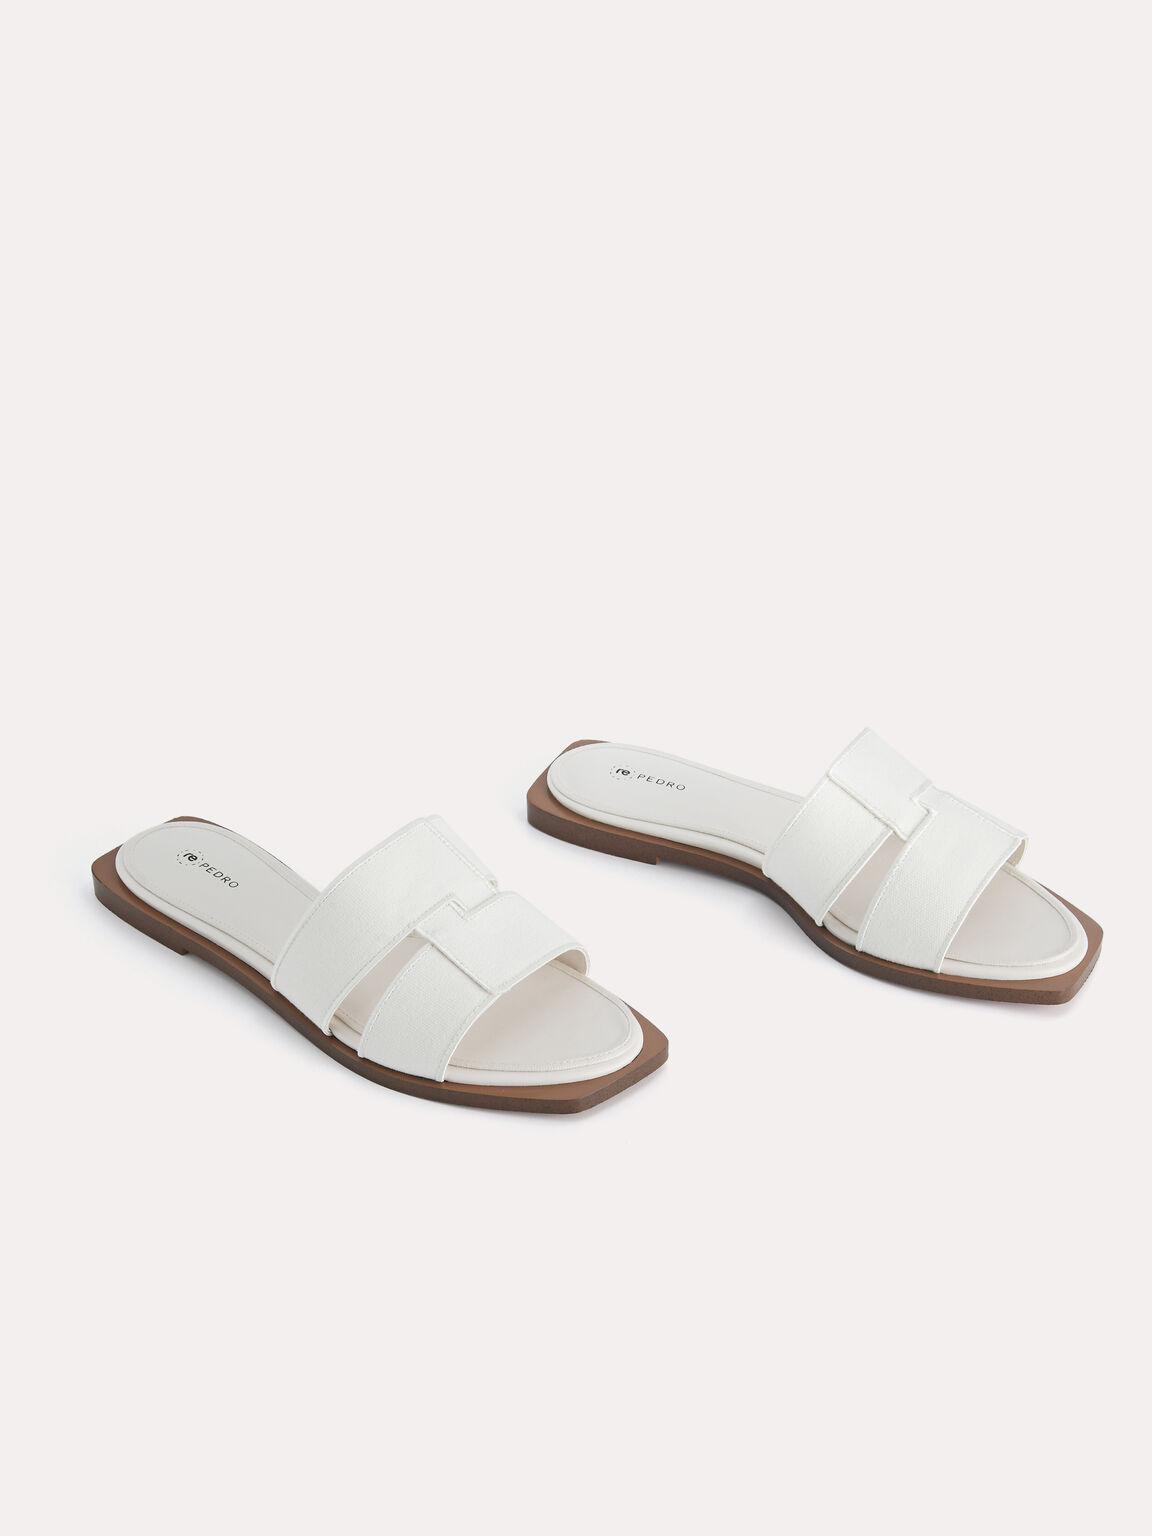 rePEDRO Cross-Strap Sandals, Chalk, hi-res